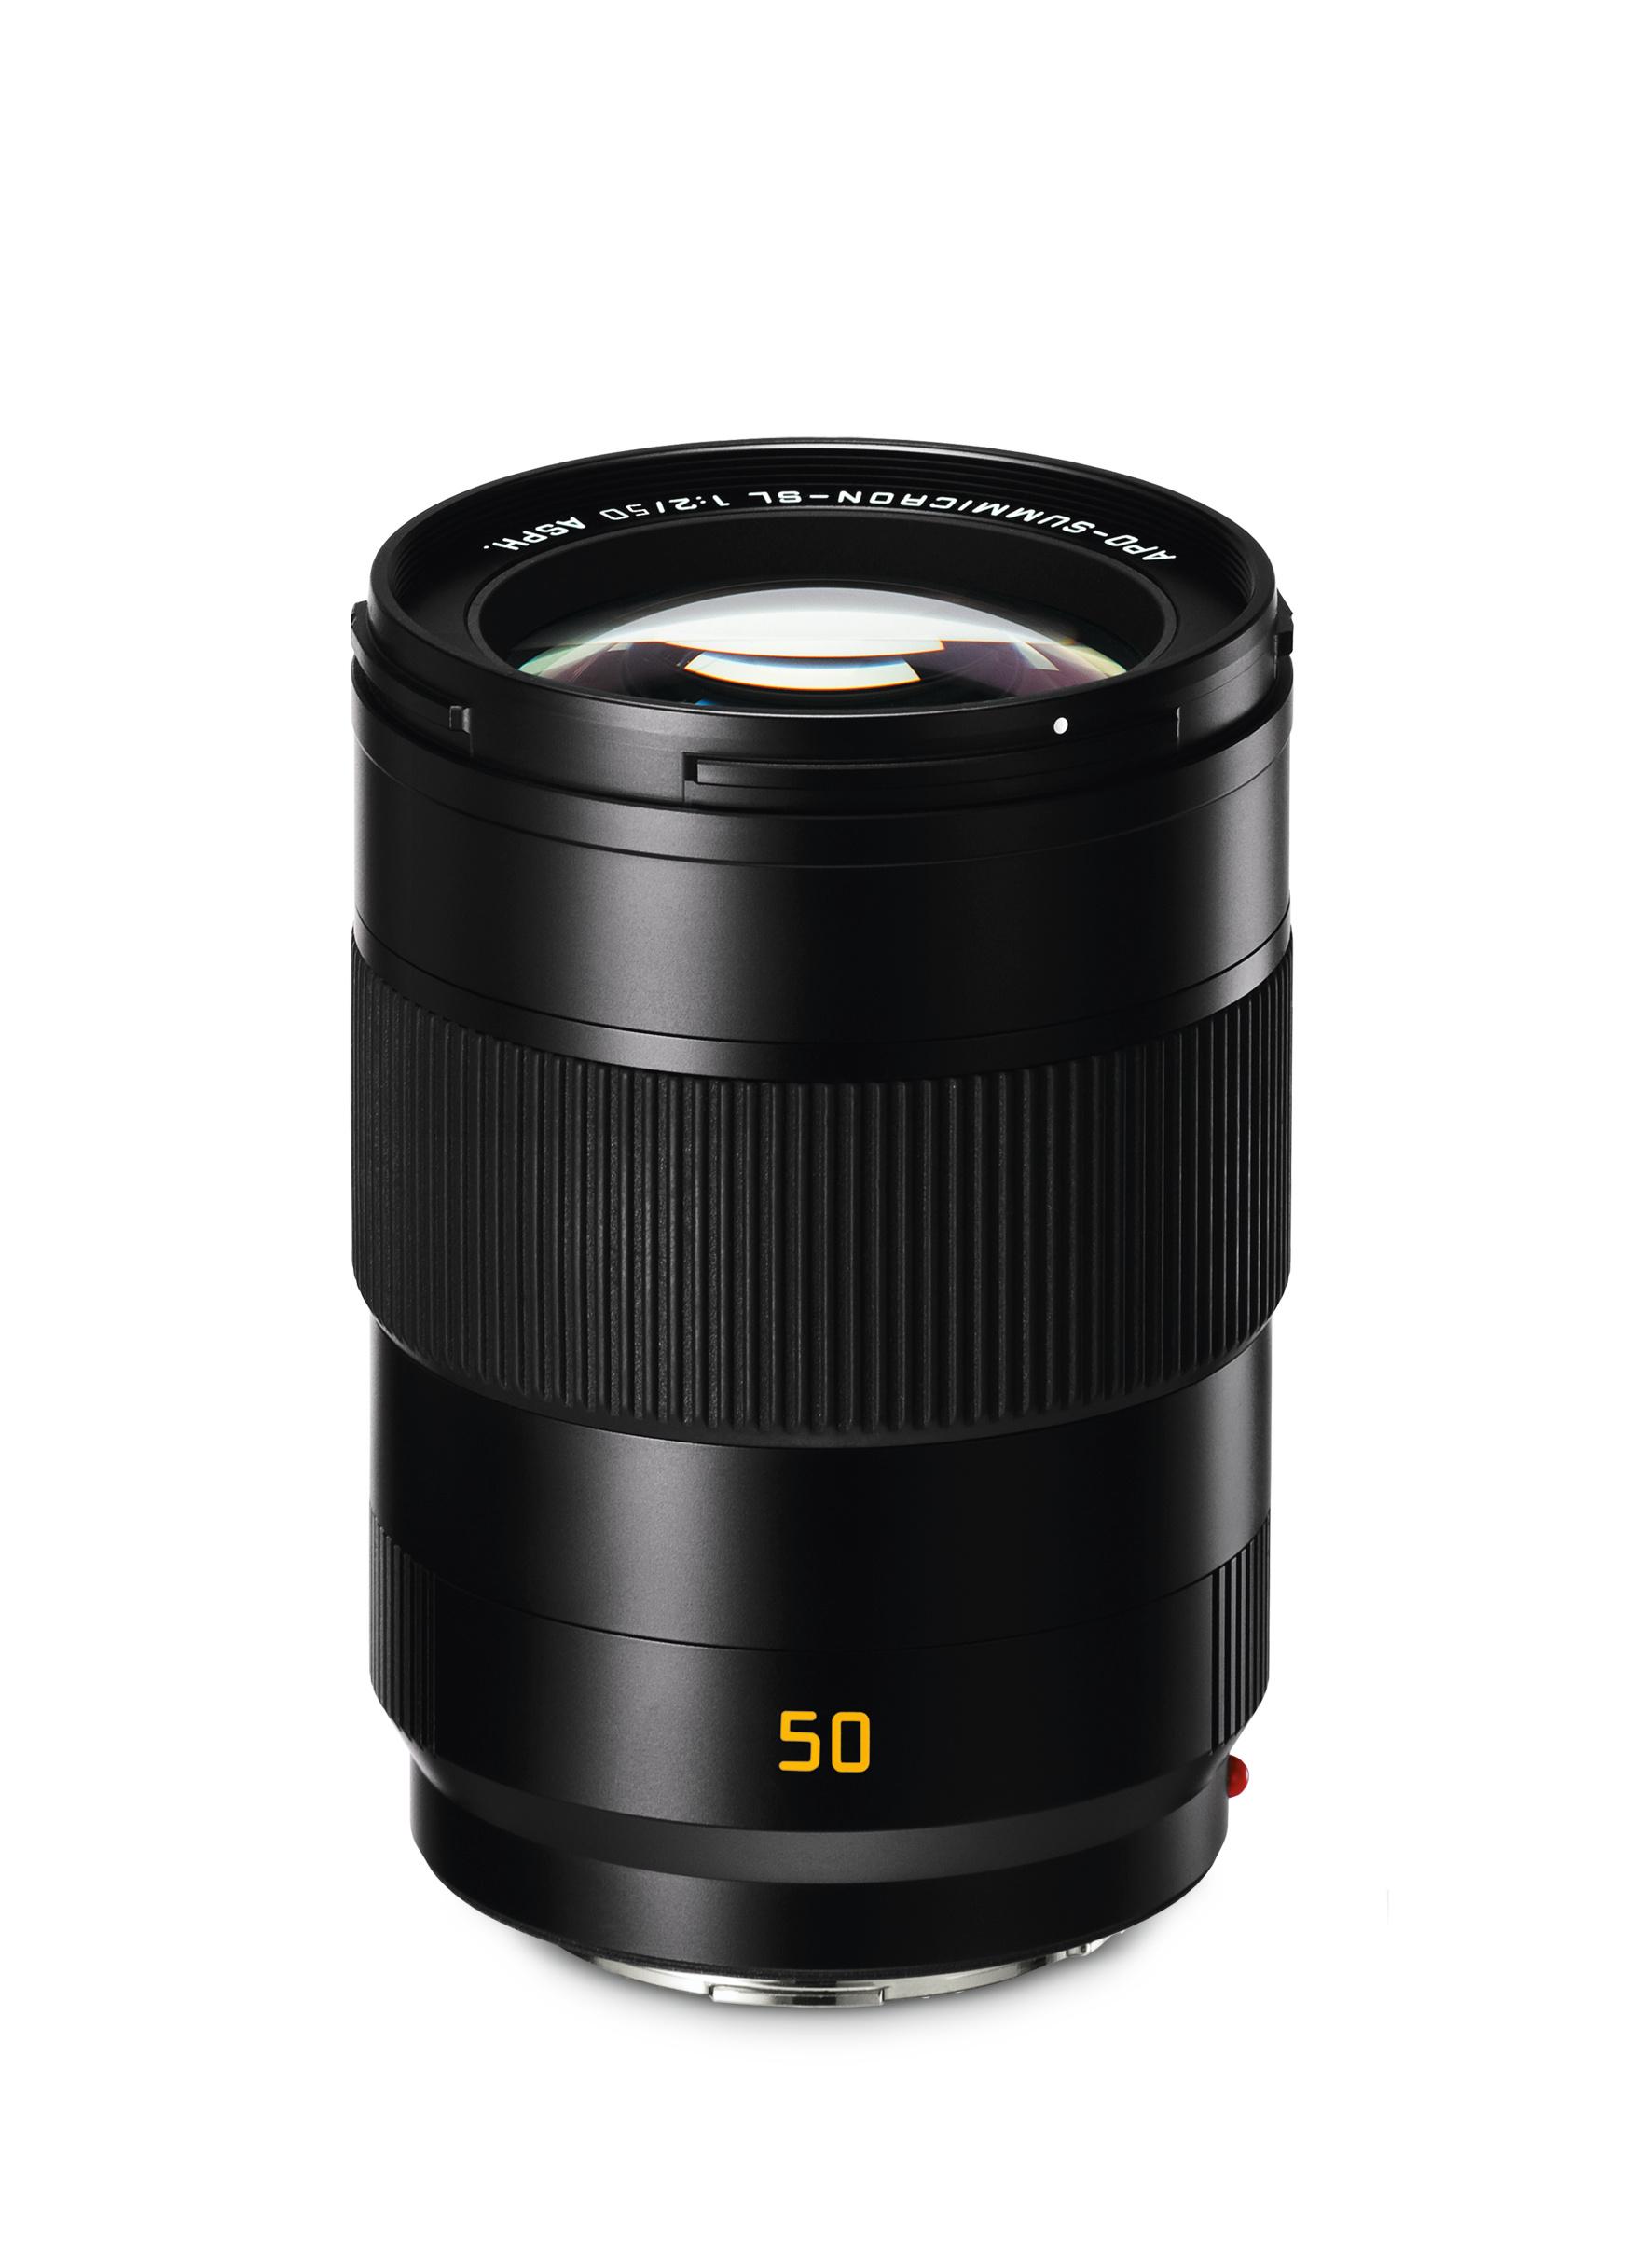 【新聞圖片1】全新徠卡SL系統鏡頭 APO-Summicron-SL 50 mm